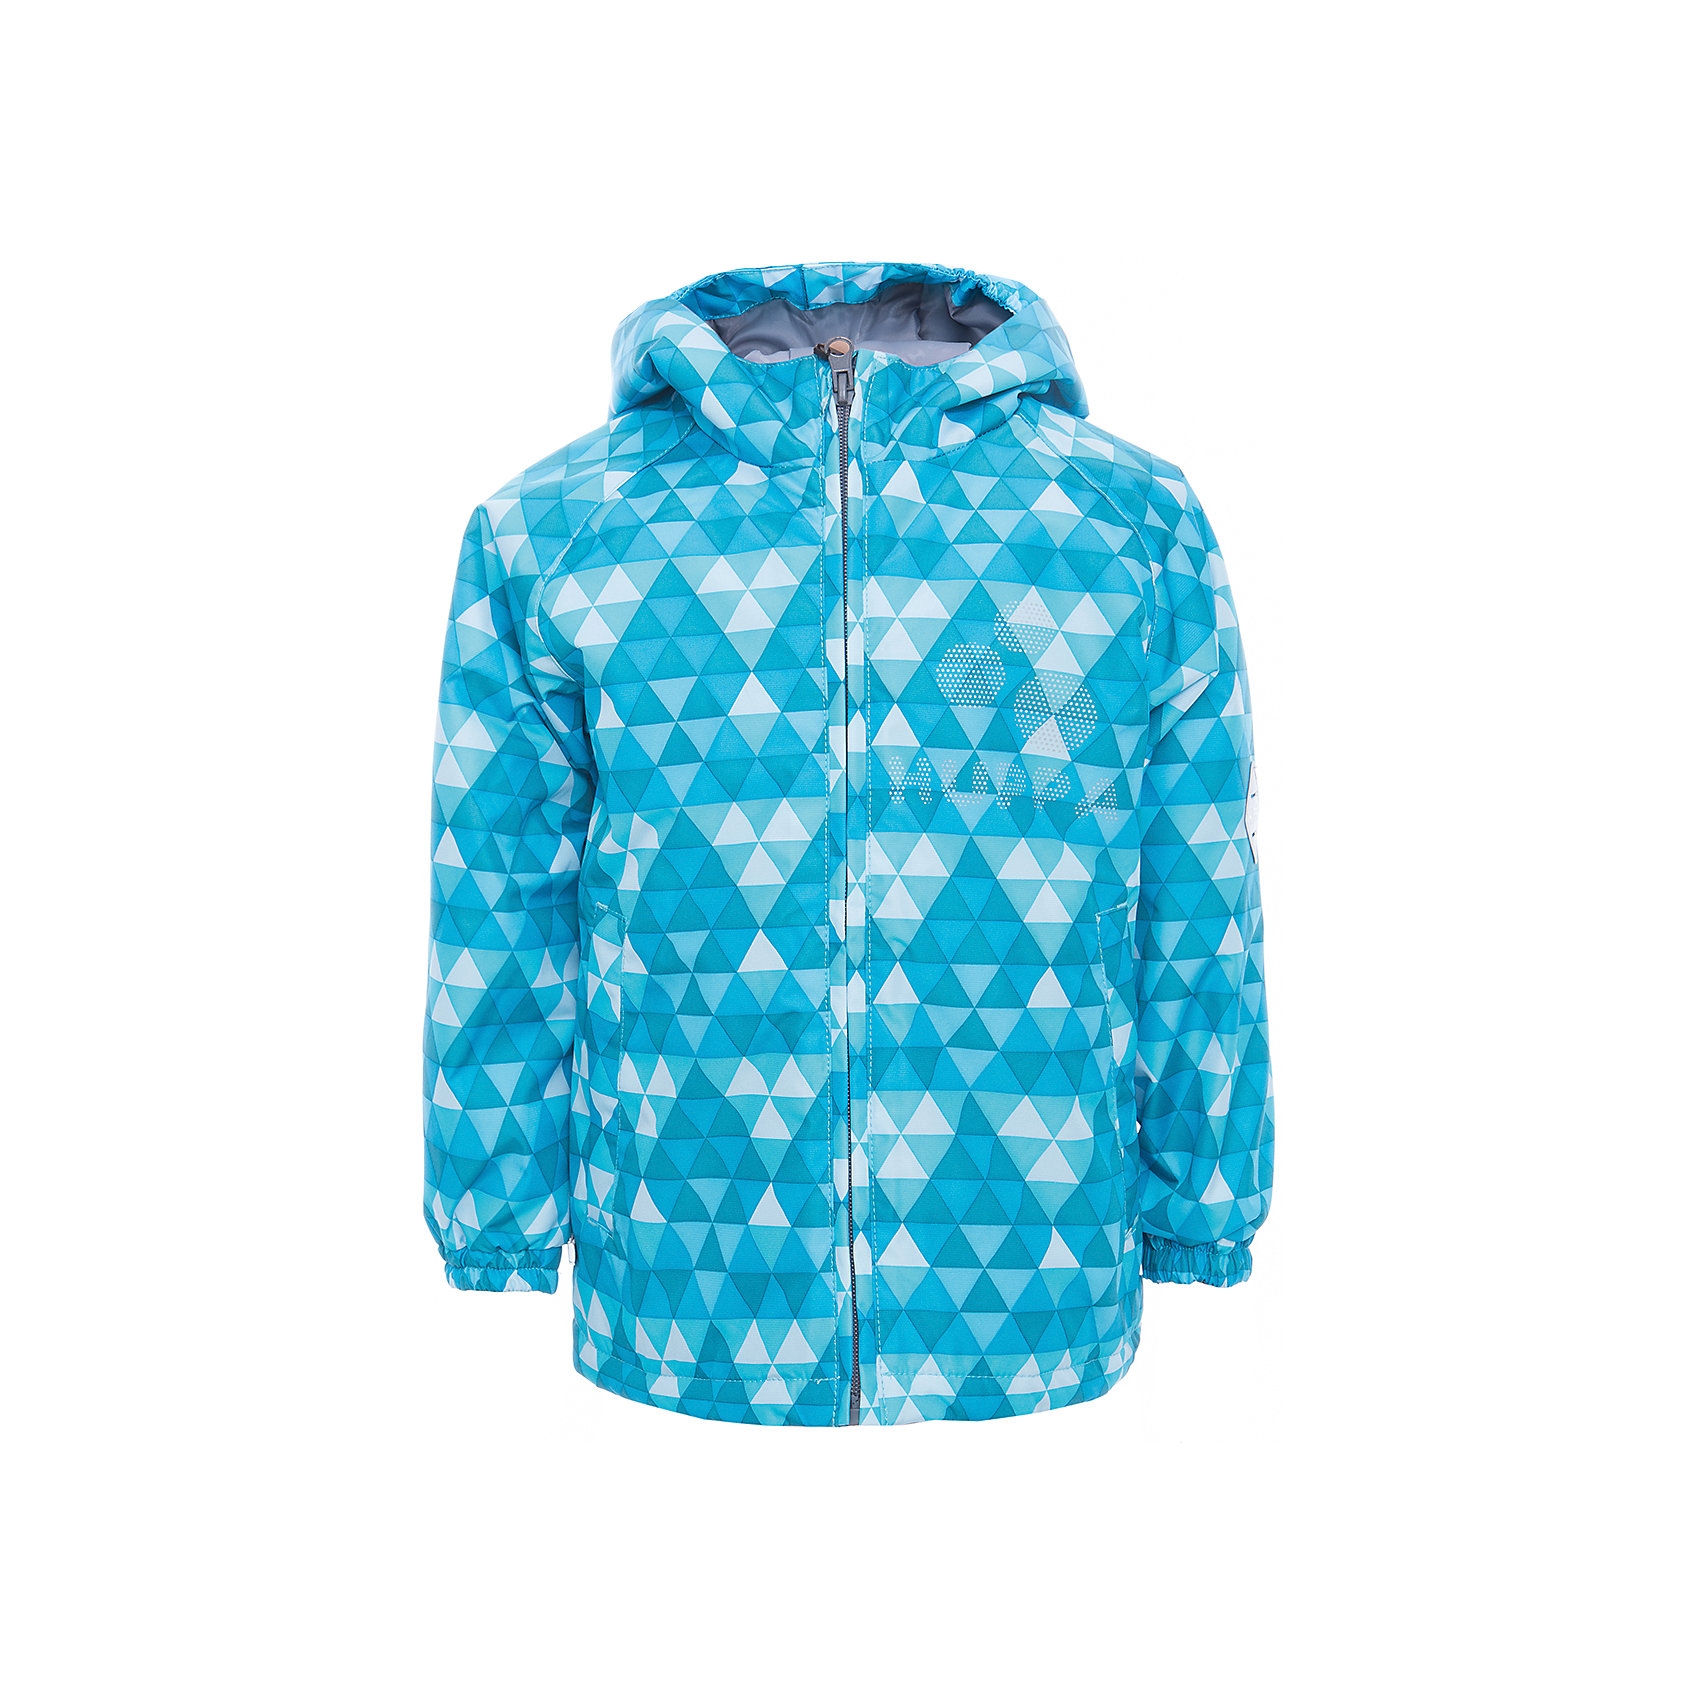 Куртка CLASSY для мальчика HuppaДемисезонные куртки<br>Характеристики товара:<br><br>• цвет: голубой<br>• ткань: 100% полиэстер<br>• подкладка: тафта - 100% полиэстер<br>• утеплитель: 100% полиэстер 100 г<br>• температурный режим: от -5°С до +10°С<br>• водонепроницаемость: 10000 мм<br>• воздухопроницаемость: 10000 мм<br>• светоотражающие детали<br>• эластичные манжеты<br>• молния<br>• капюшон с резинкой<br>• капюшон не отстёгивается<br>• карманы<br>• комфортная посадка<br>• коллекция: весна-лето 2017<br>• страна бренда: Эстония<br><br>Эта стильная куртка обеспечит детям тепло и комфорт. Она сделана из материала, отталкивающего воду, и дополнено подкладкой с утеплителем, поэтому изделие идеально подходит для межсезонья. Материал изделия - с мембранной технологией: защищая от влаги и ветра, он легко выводит лишнюю влагу наружу. Для удобства сделан капюшон. Куртка очень симпатично смотрится, яркая расцветка и крой добавляют ему оригинальности. Модель была разработана специально для детей.<br><br>Одежда и обувь от популярного эстонского бренда Huppa - отличный вариант одеть ребенка можно и комфортно. Вещи, выпускаемые компанией, качественные, продуманные и очень удобные. Для производства изделий используются только безопасные для детей материалы. Продукция от Huppa порадует и детей, и их родителей!<br><br>Куртку CLASSY от бренда Huppa (Хуппа) можно купить в нашем интернет-магазине.<br><br>Ширина мм: 356<br>Глубина мм: 10<br>Высота мм: 245<br>Вес г: 519<br>Цвет: синий<br>Возраст от месяцев: 132<br>Возраст до месяцев: 144<br>Пол: Мужской<br>Возраст: Детский<br>Размер: 152,92,98,104,110,116,128,134,140,146,122<br>SKU: 5347134